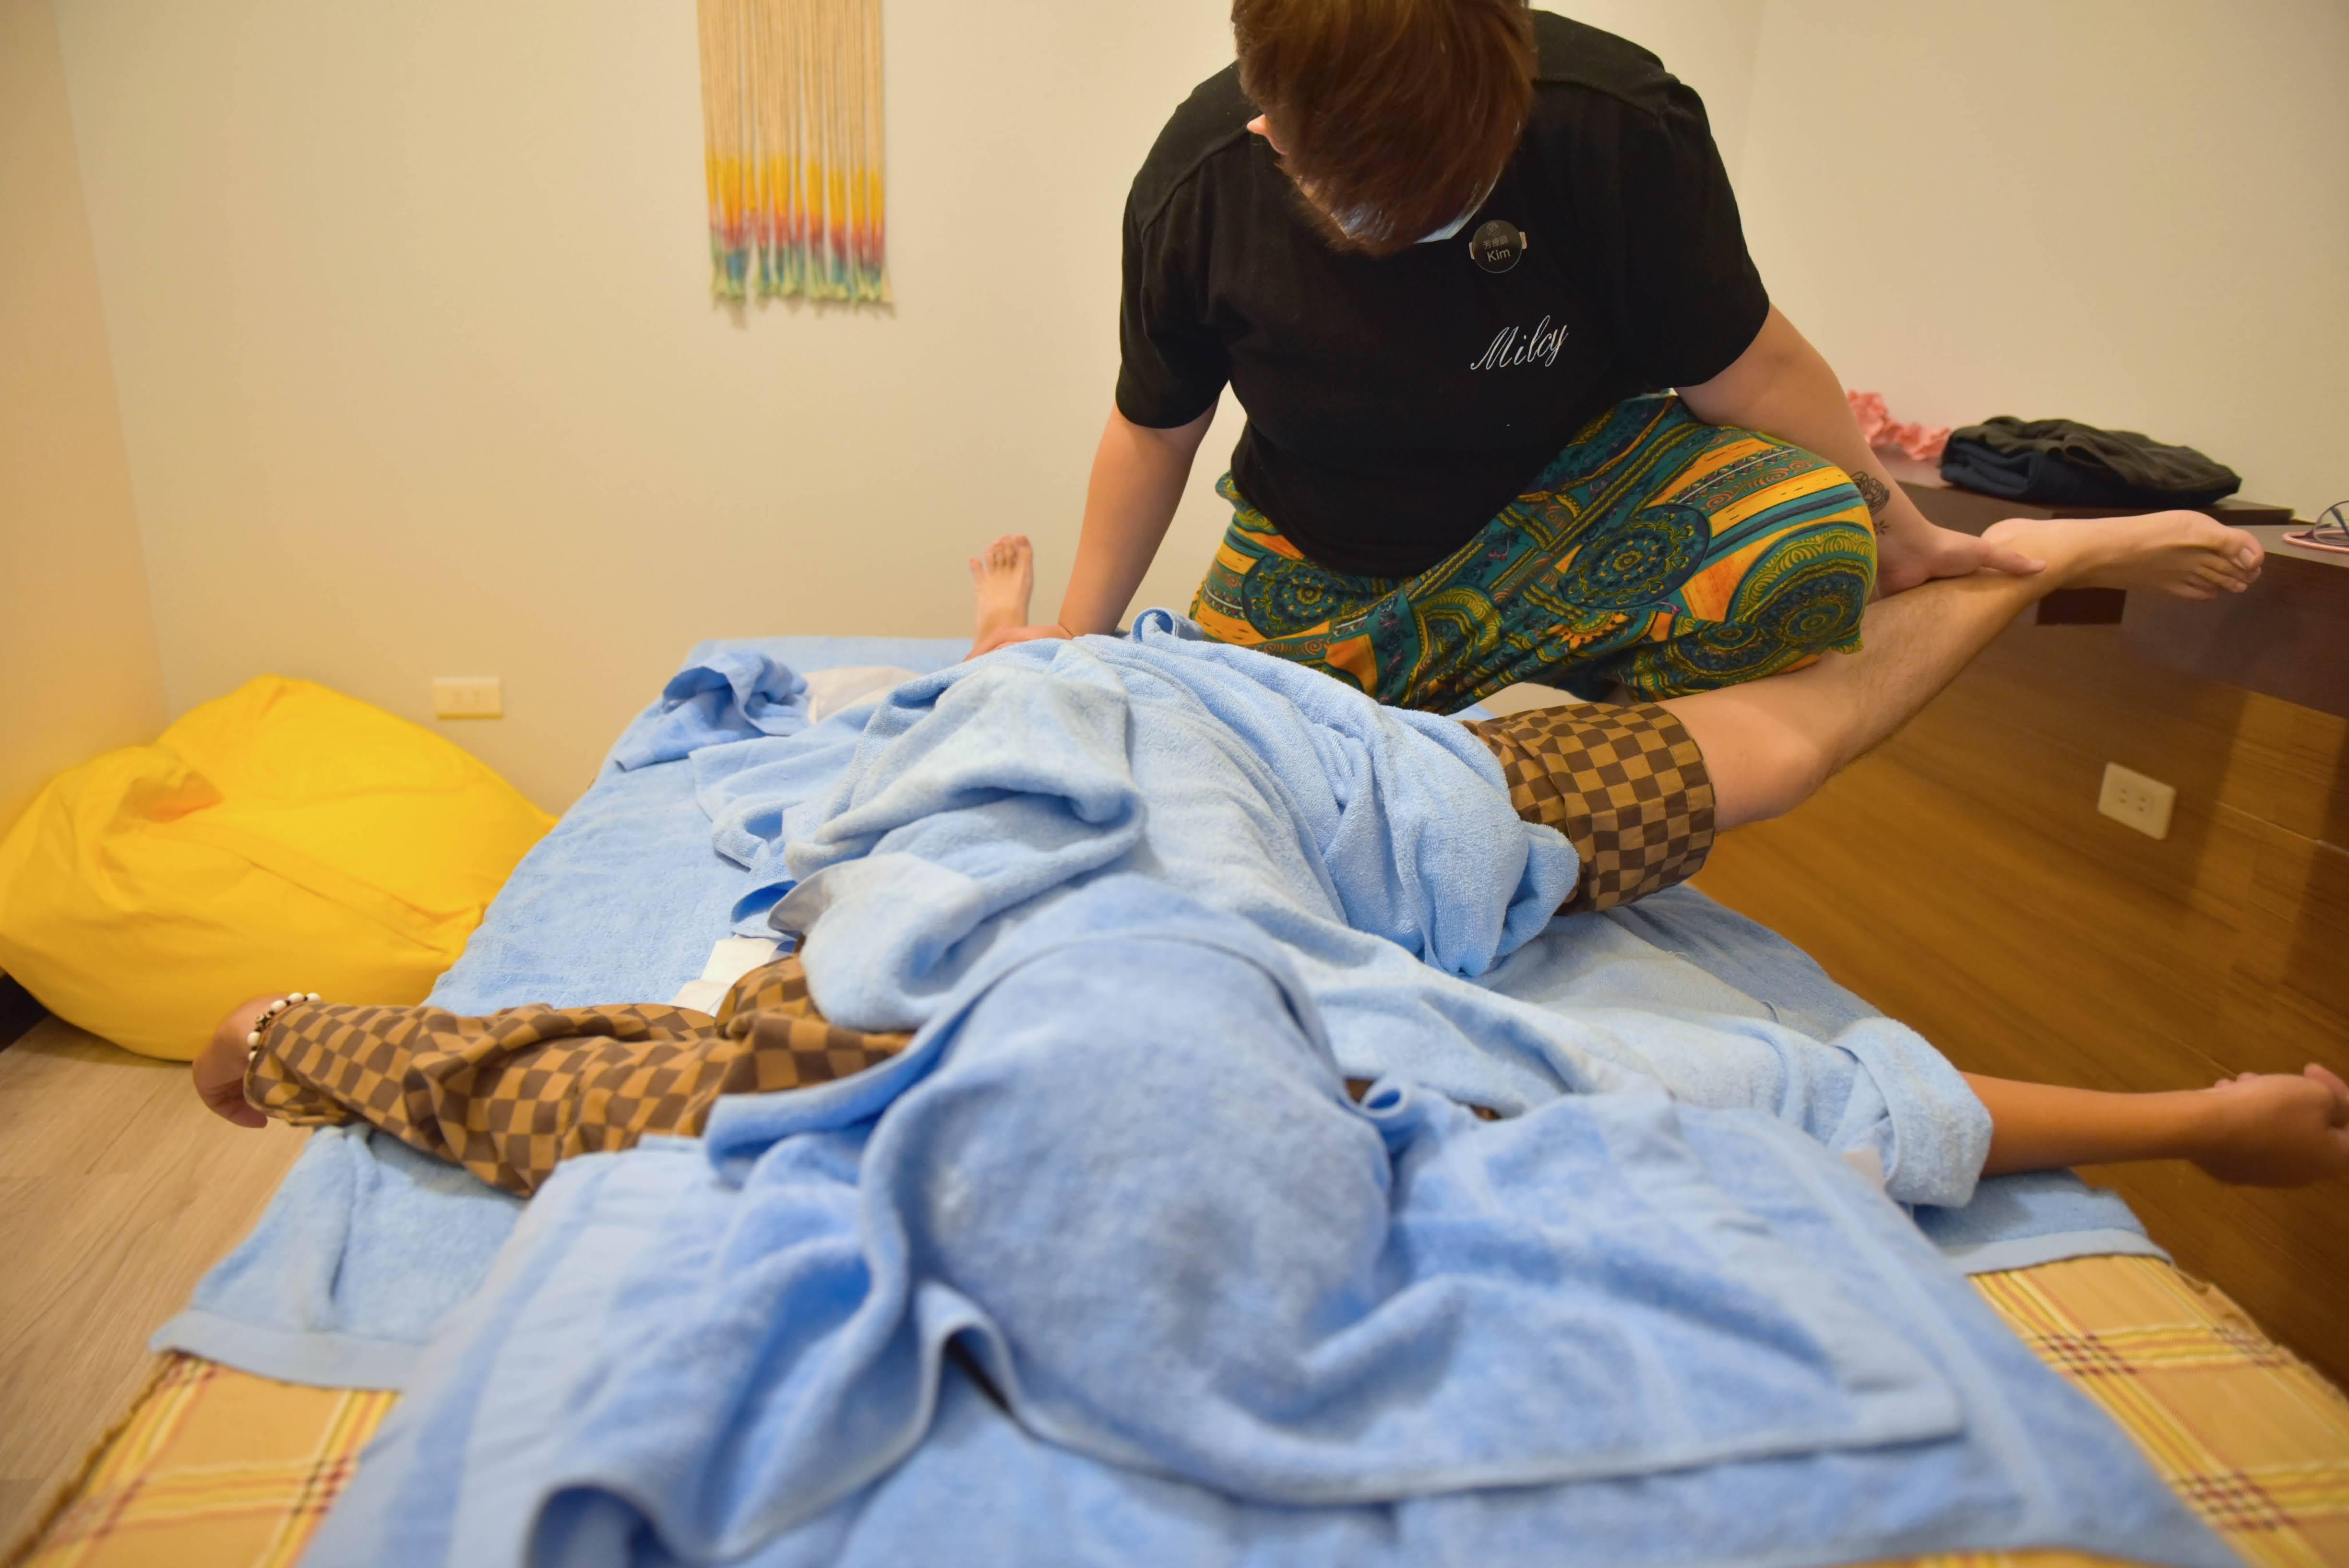 【台南|永康】悅榕莊園會館,古法泰式按摩體驗被動式瑜伽,可愛店貓療癒心靈疲乏,還有台南少見岩盤浴!🍃